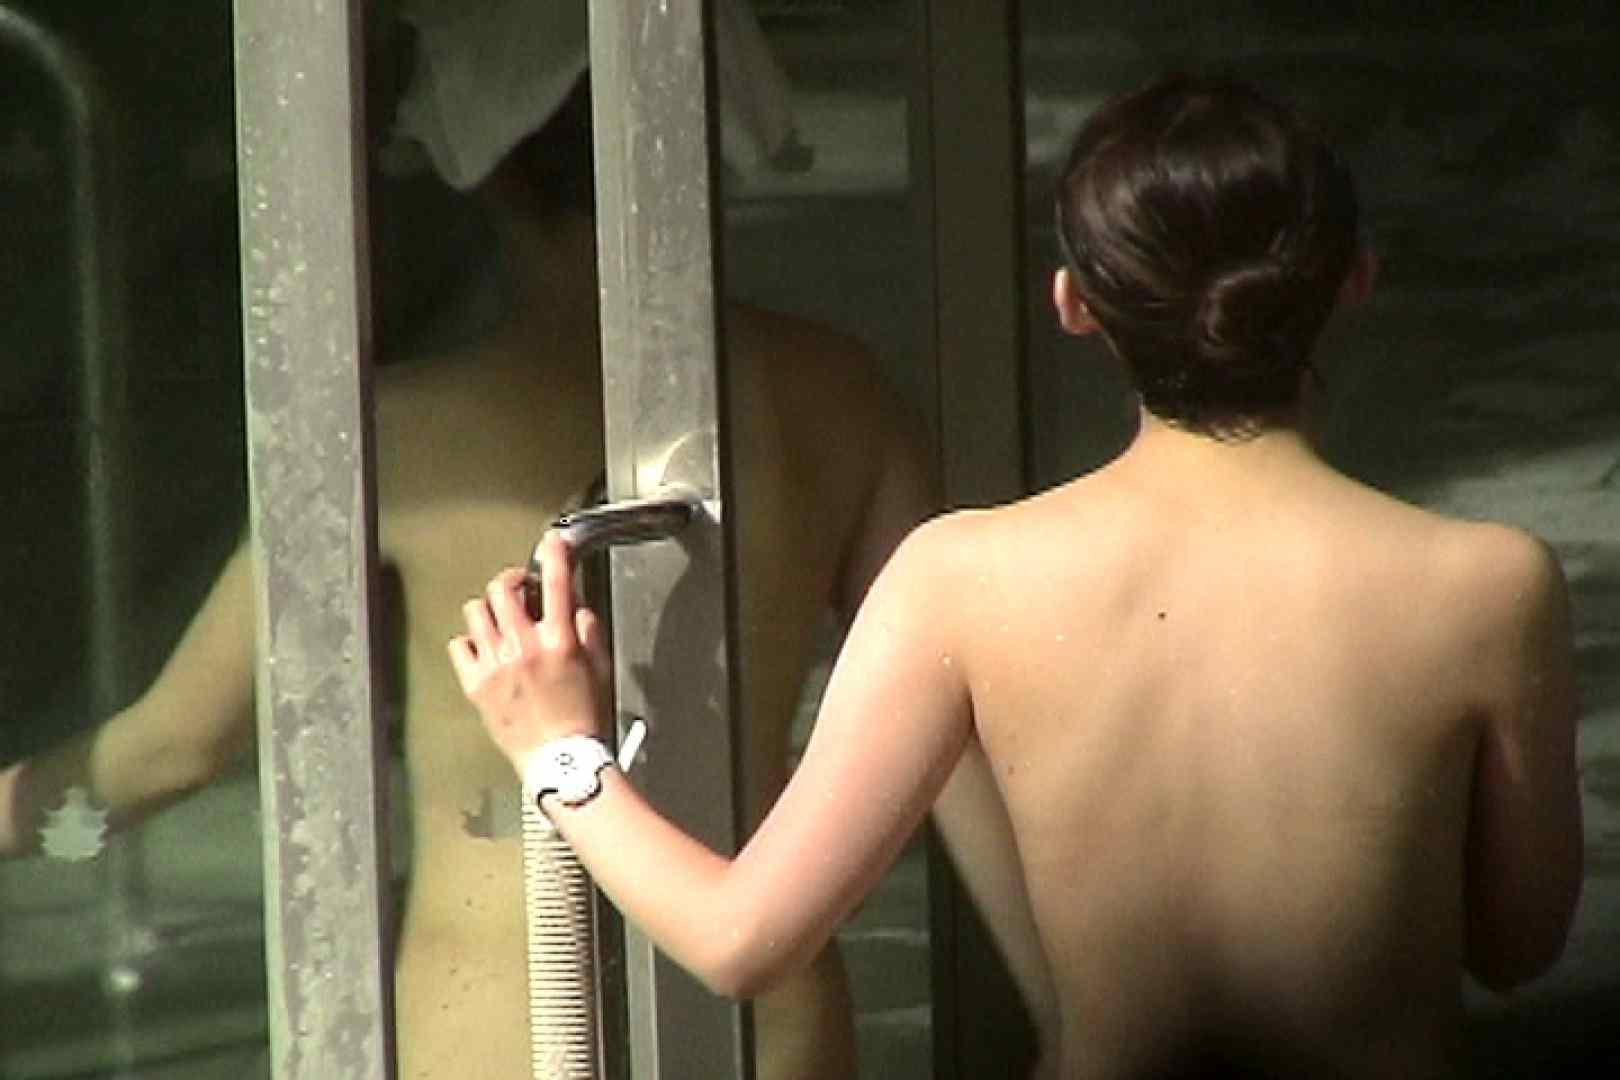 Aquaな露天風呂Vol.707 美しいOLの裸体 ヌード画像 75pic 74